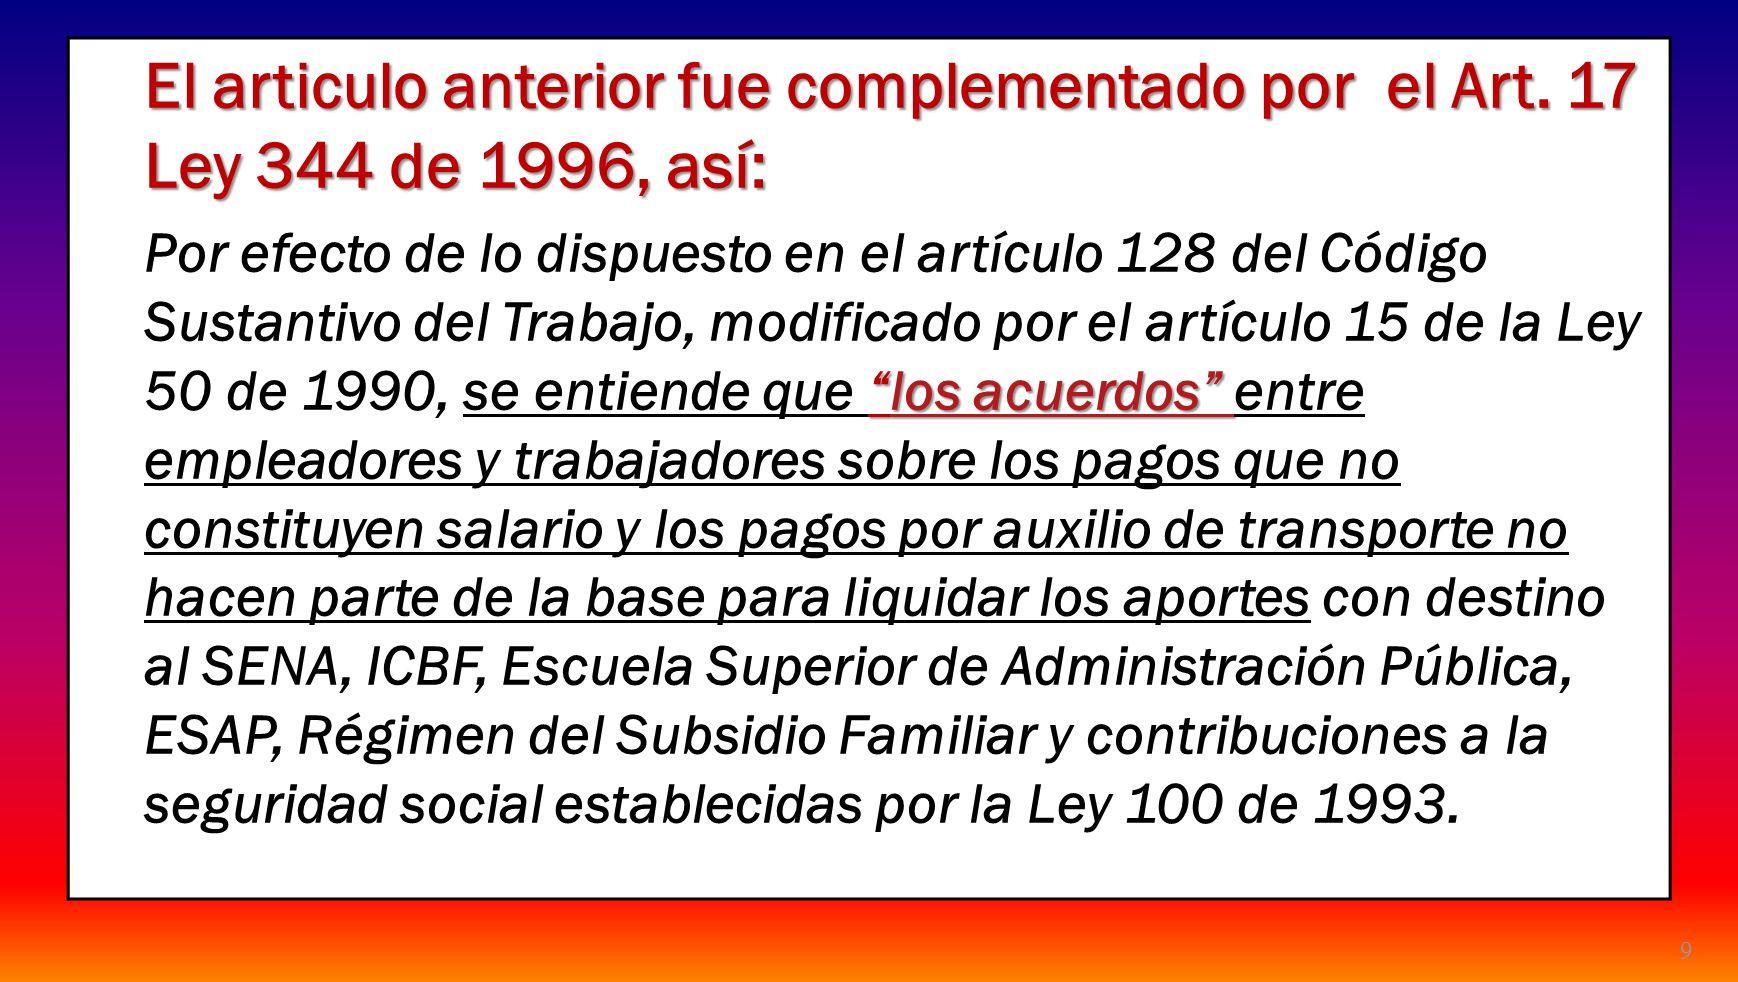 24/03/2017 El articulo anterior fue complementado por el Art. 17 Ley 344 de 1996, así: